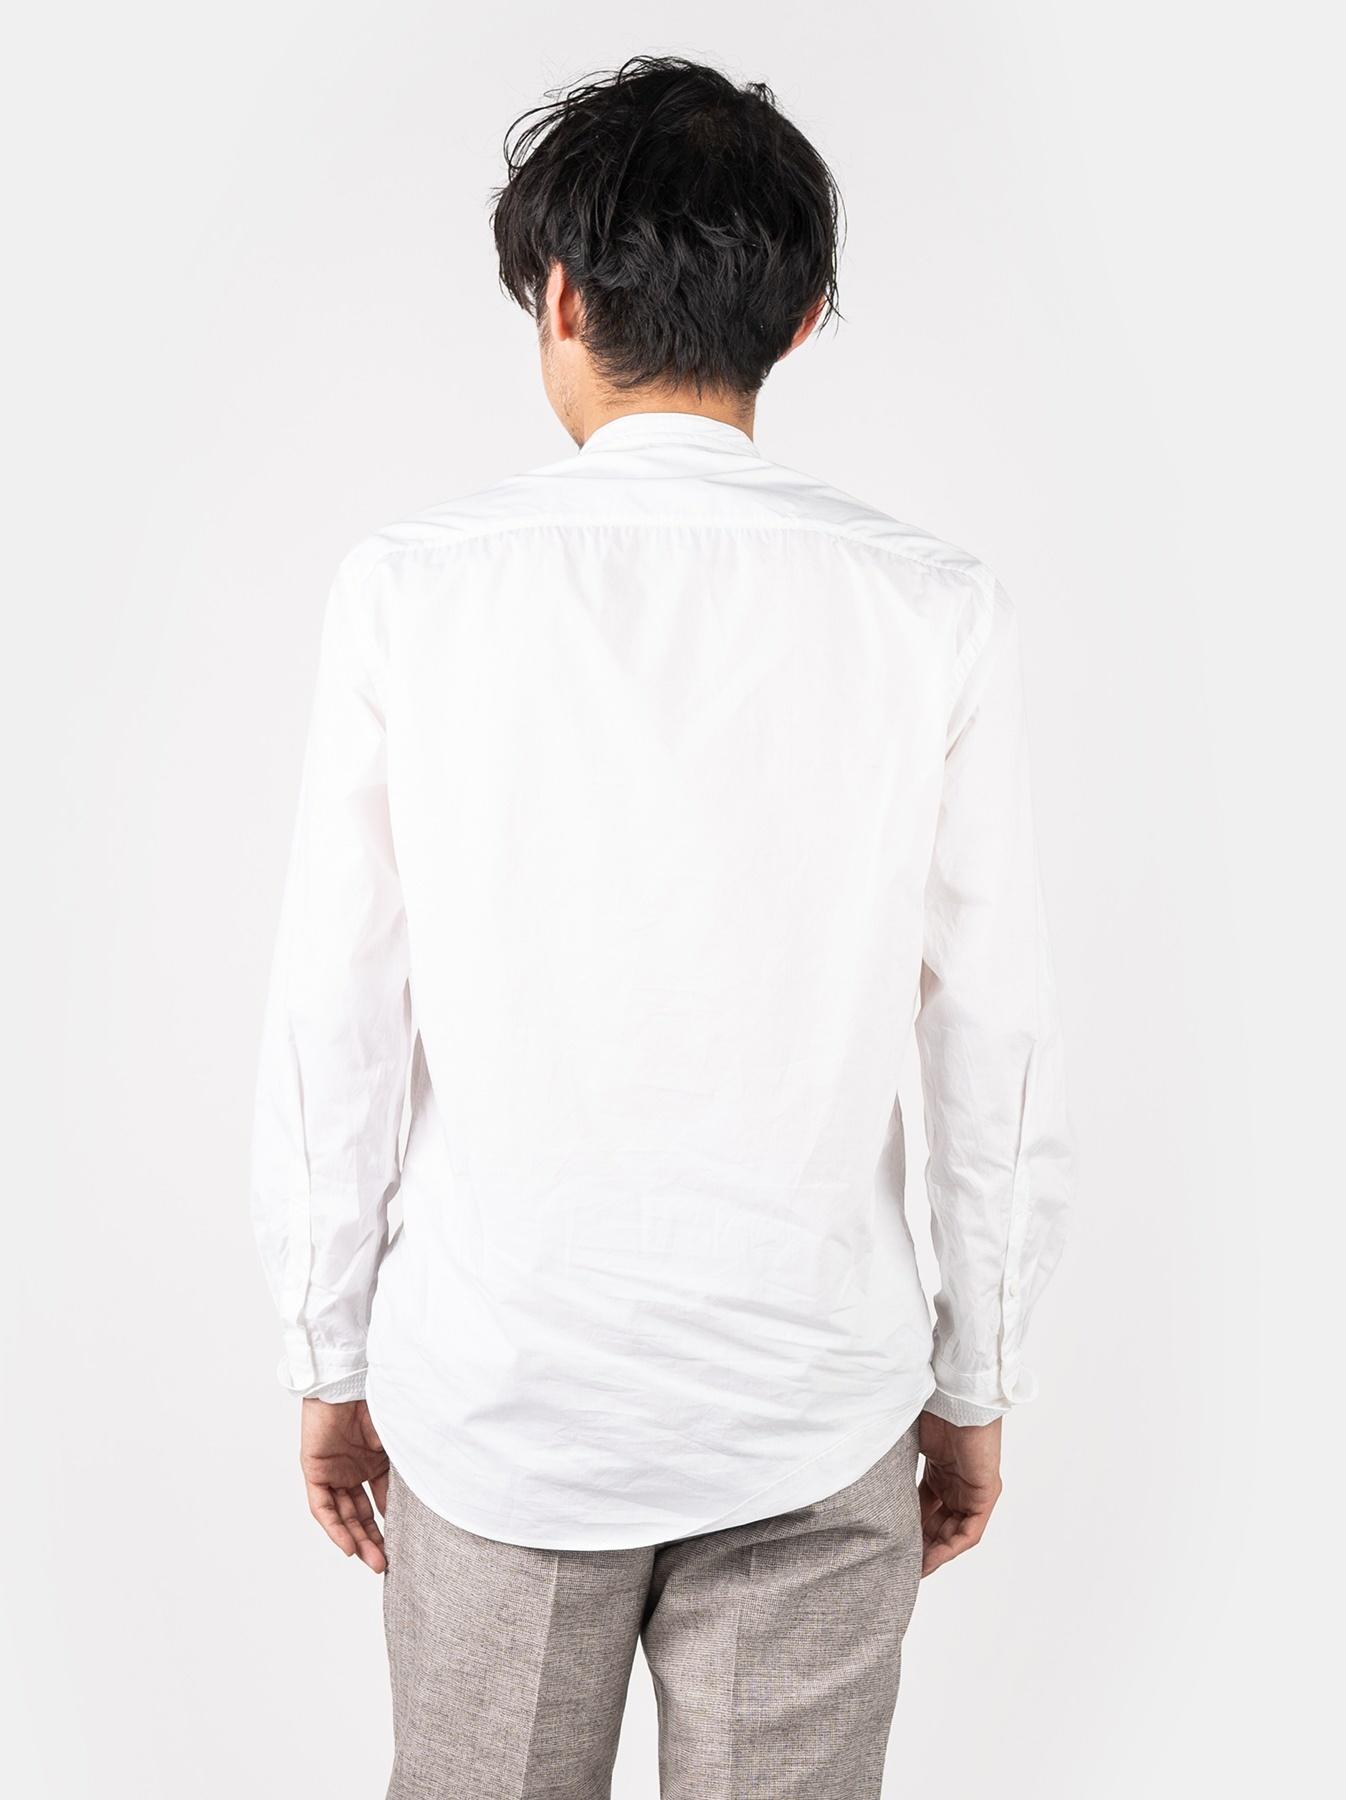 WH Sheet Cloth Sashiko Shirt-5